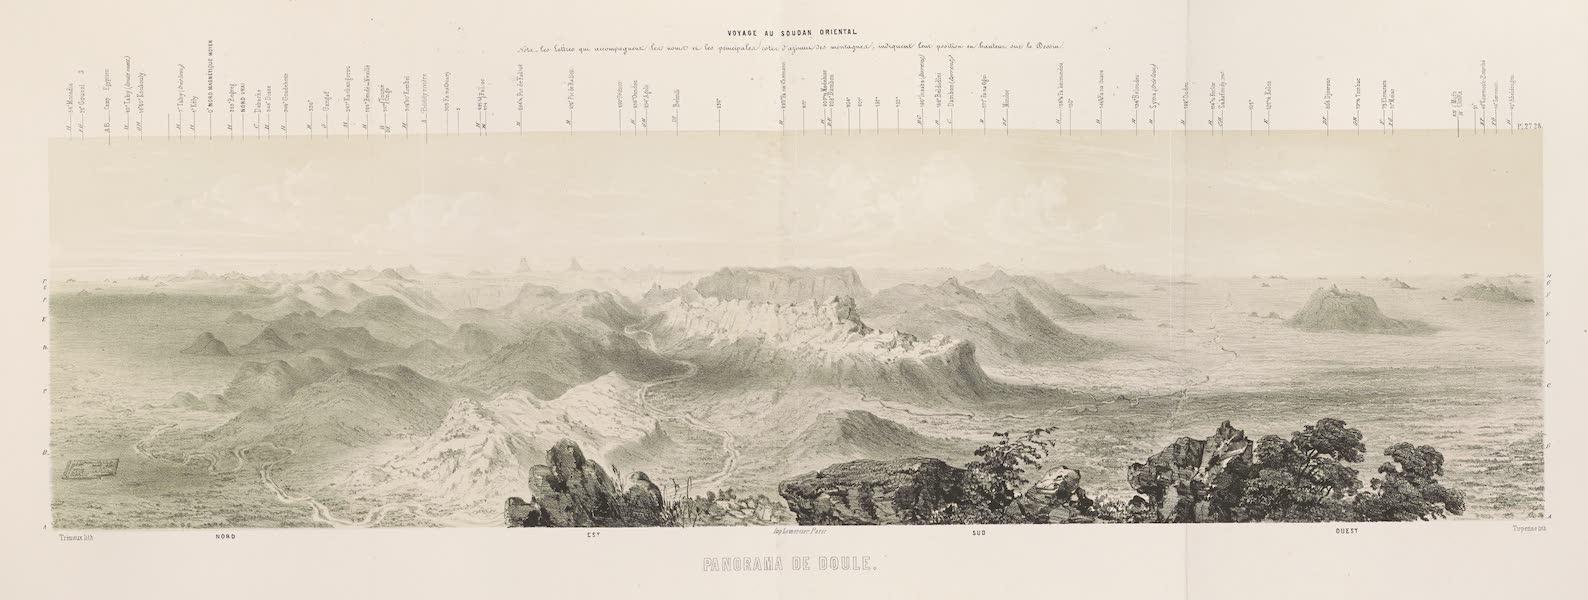 Voyages au Soudan Oriental et Dans l'Afrique Septentrionale - Planches 27 et 28. Panorama de Doul. (1852)